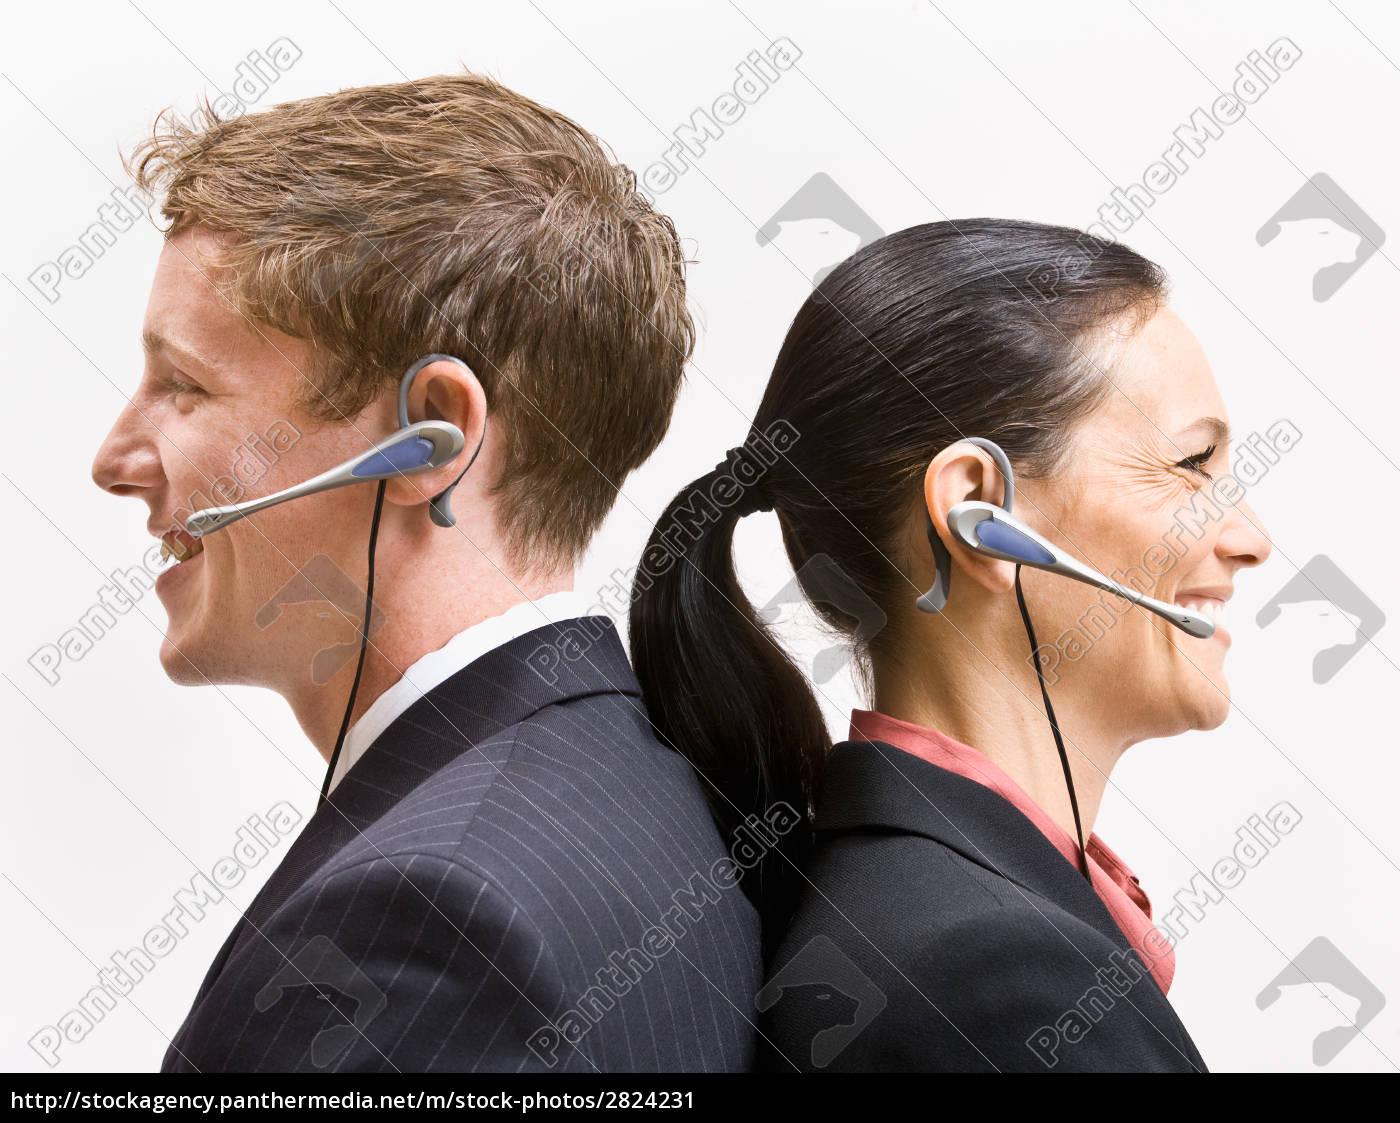 woman, conversation, talk, speaking, speaks, spoken - 2824231